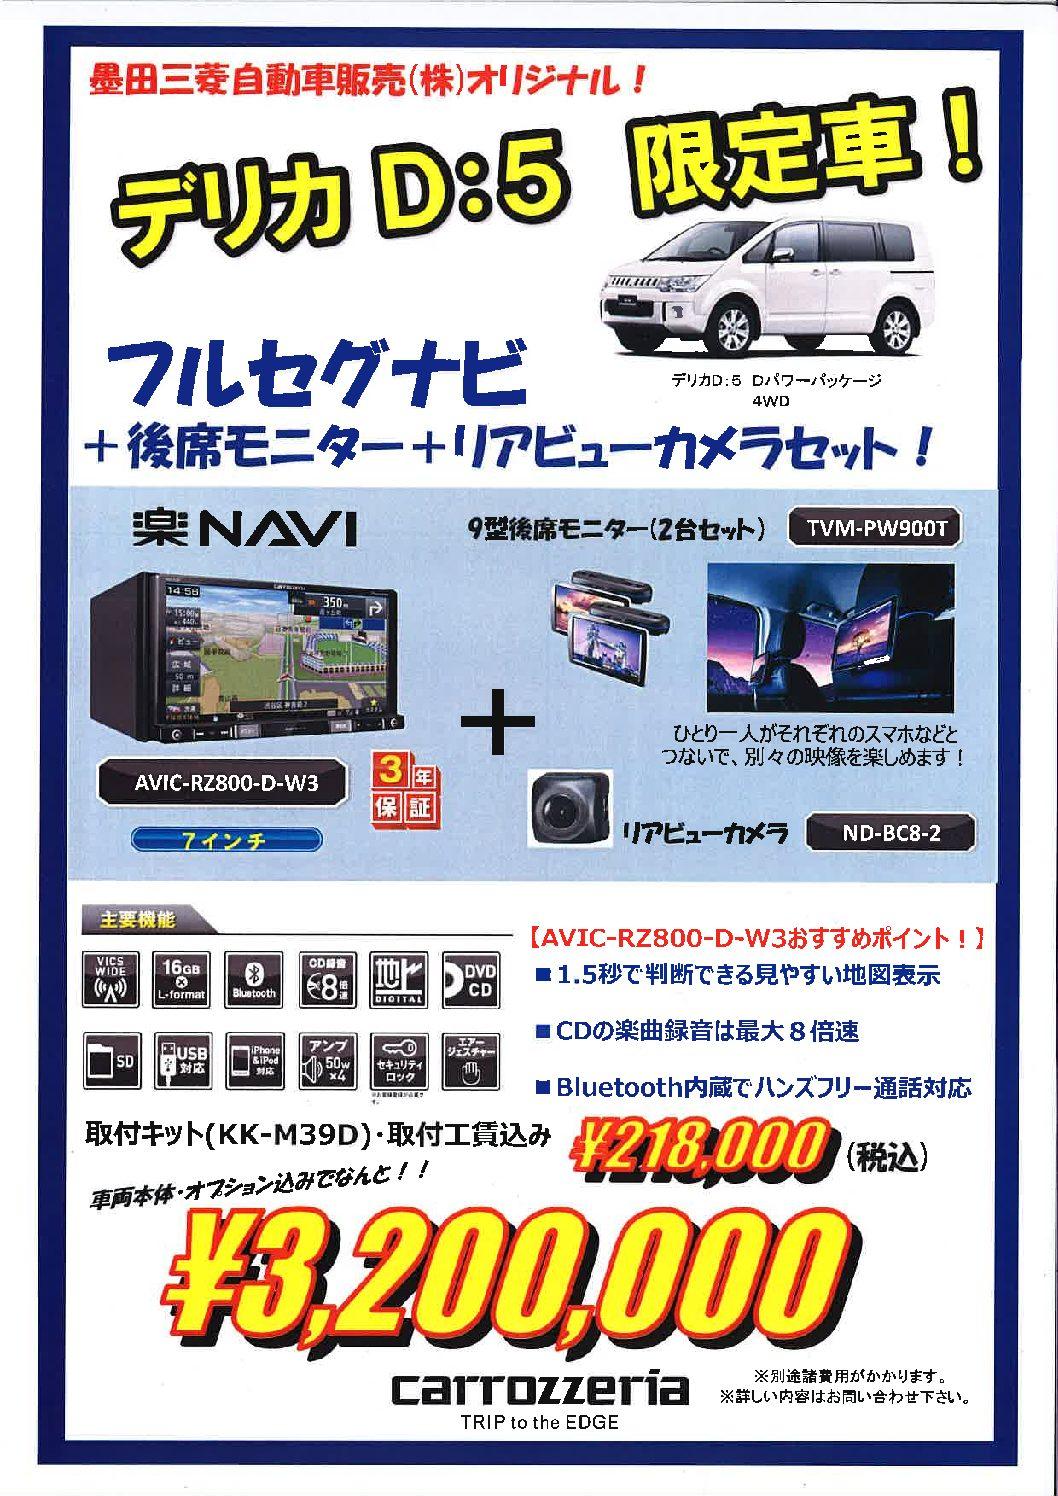 デリカD5特別仕様車発売中!【ナビ・ツインモニターパッケージ】